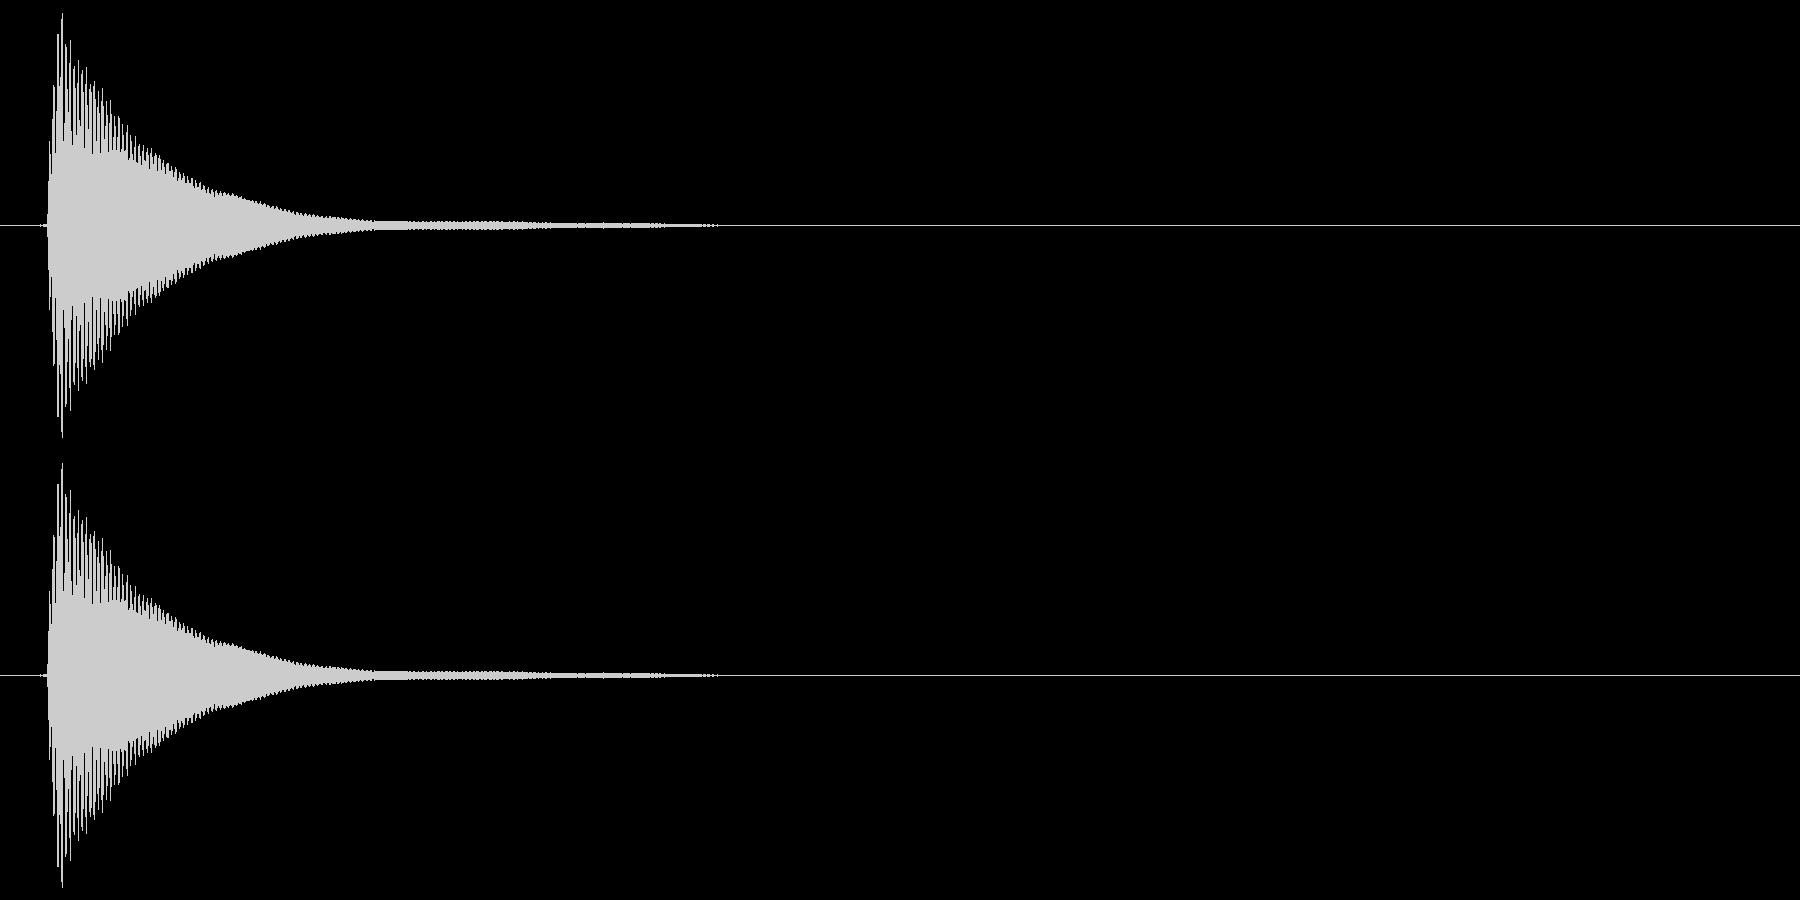 テック系ボタン音2(タン)の未再生の波形